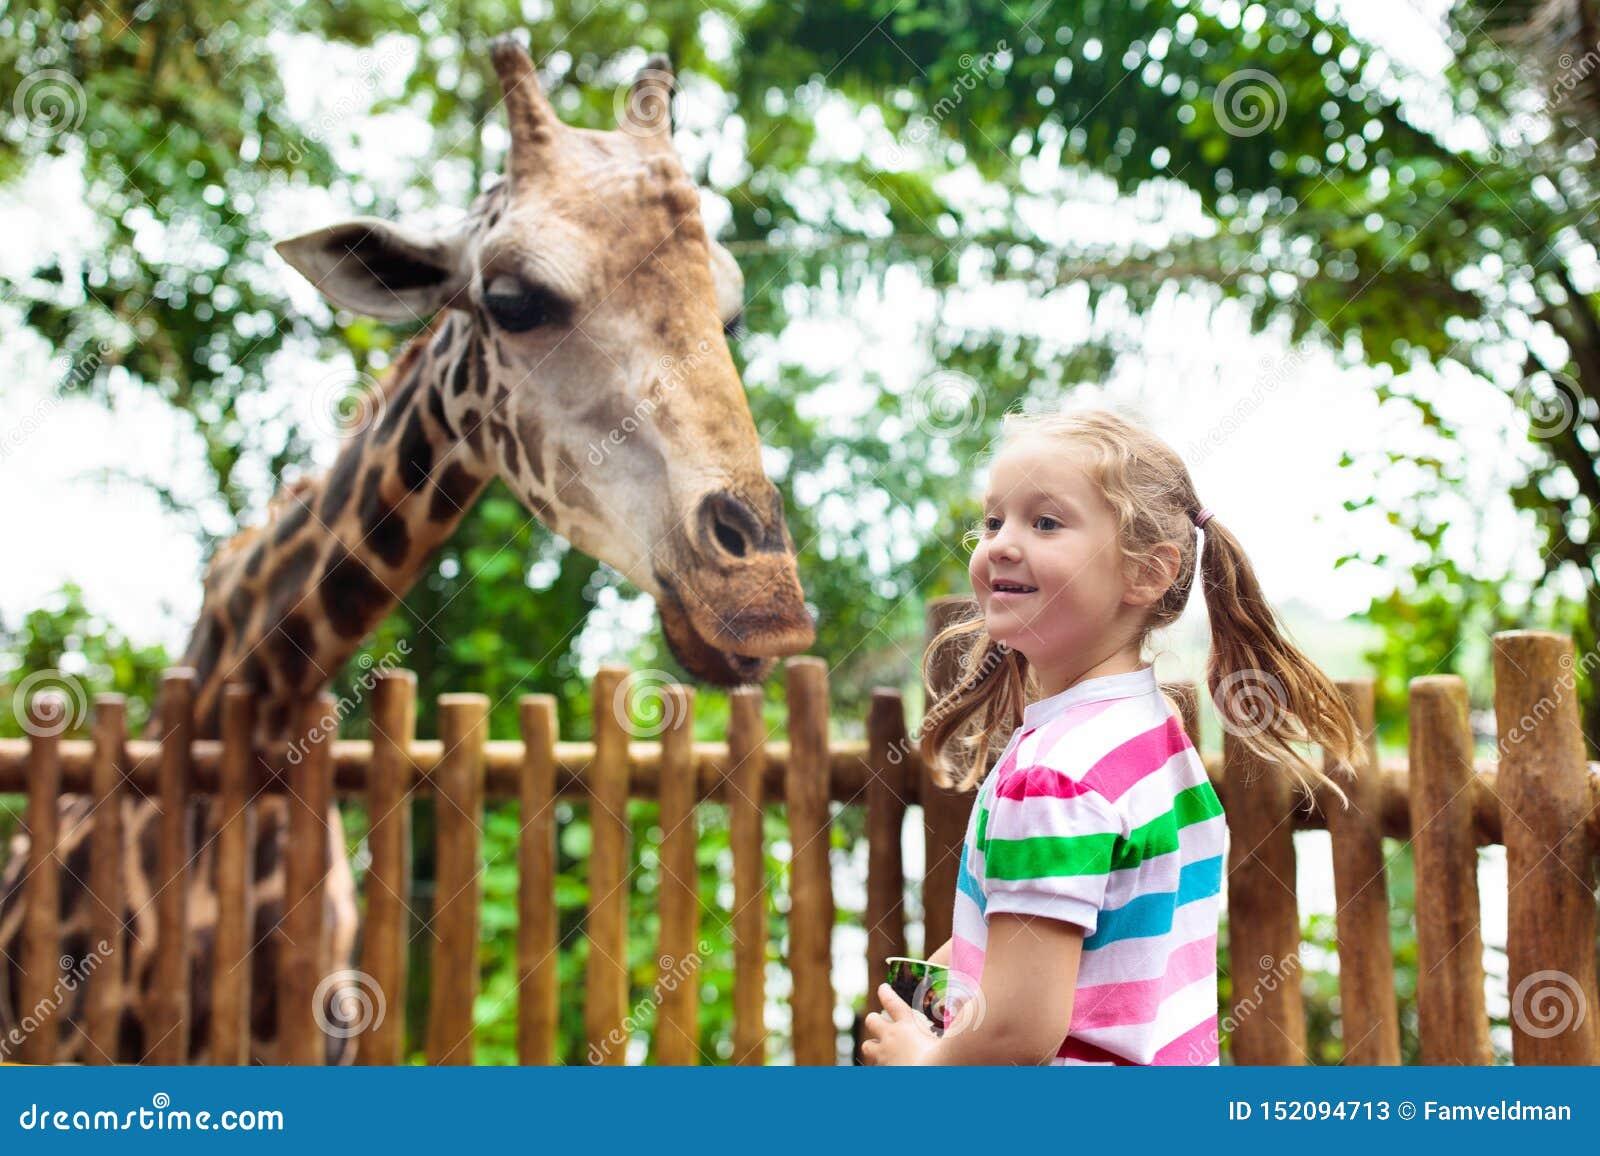 Giraffe τροφών παιδιών στο ζωολογικό κήπο Τα παιδιά στο σαφάρι σταθμεύουν